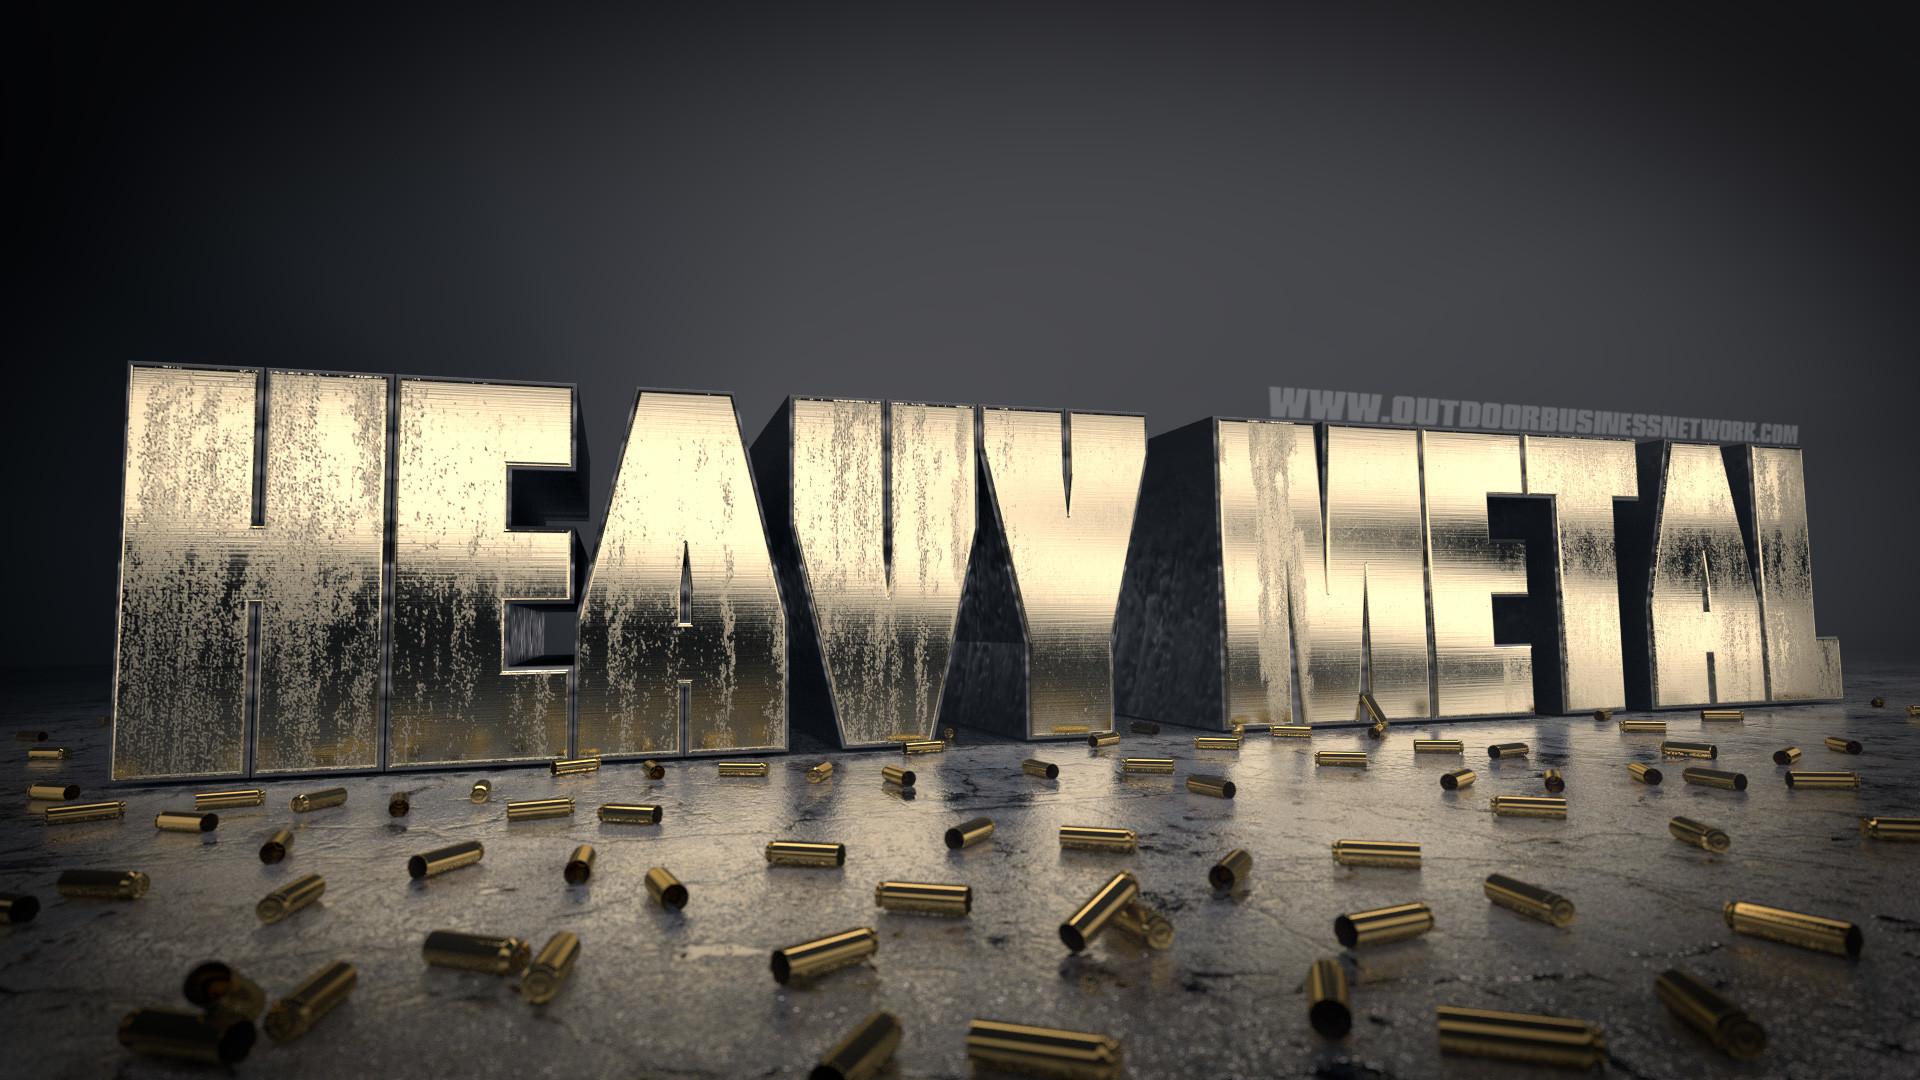 Heavy Metal Wallpaper Desktop 52 Images